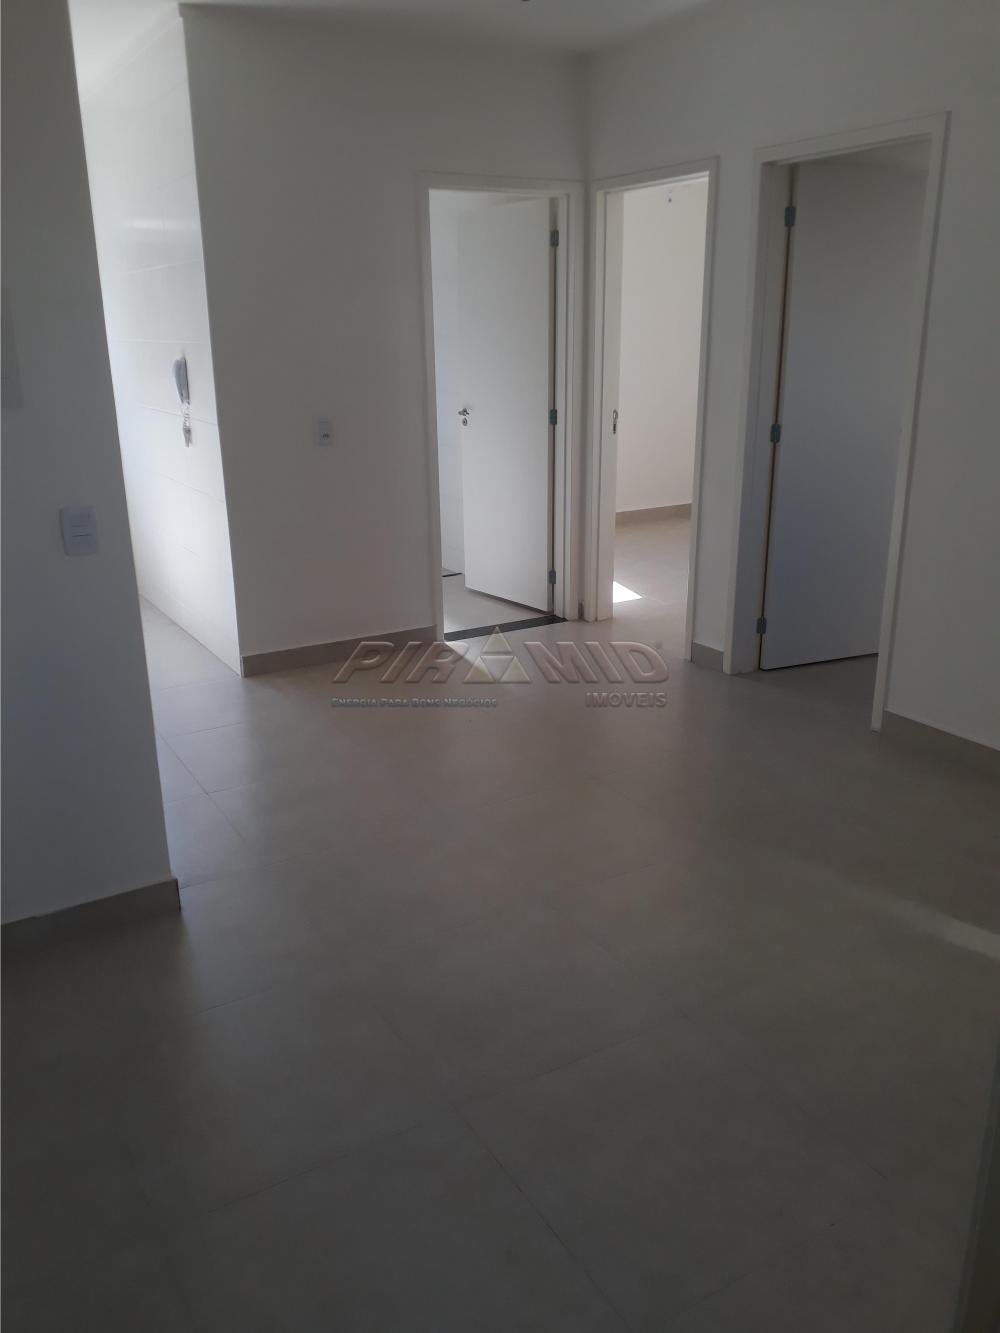 Alugar Apartamento / Padrão em Ribeirão Preto apenas R$ 944,00 - Foto 1